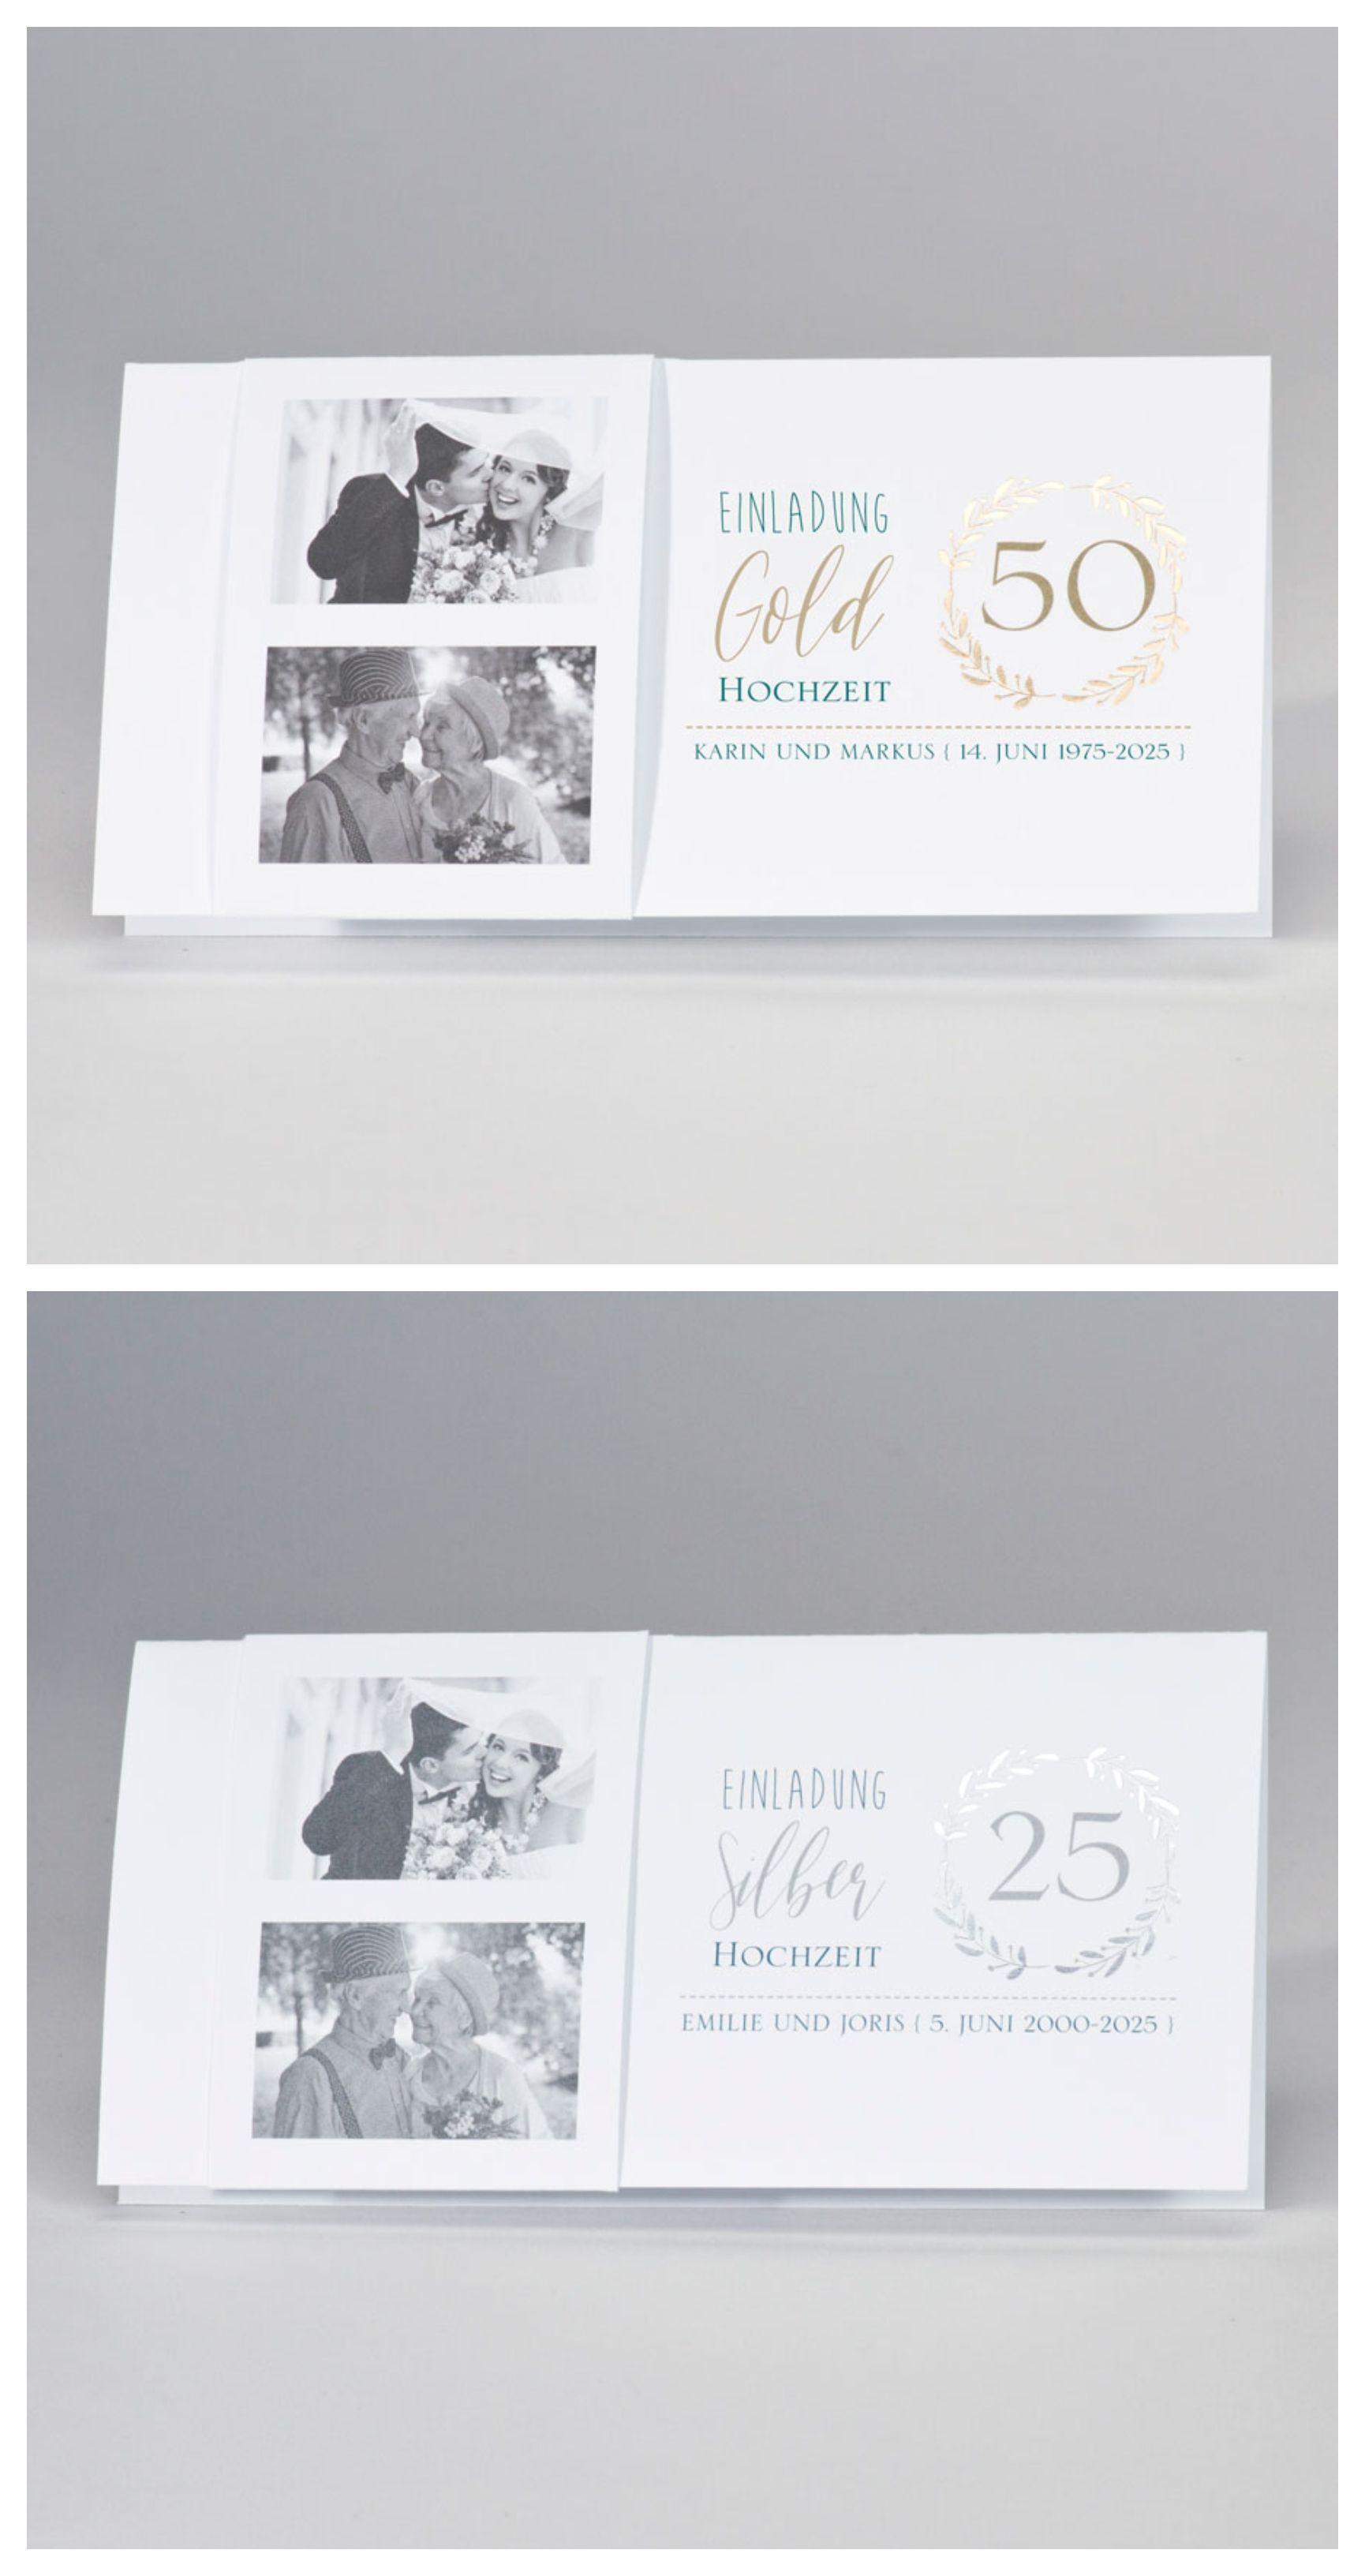 Stilvolle Einladungen Zur Goldhochzeit Oder Silberhochzeit Einladungskarten